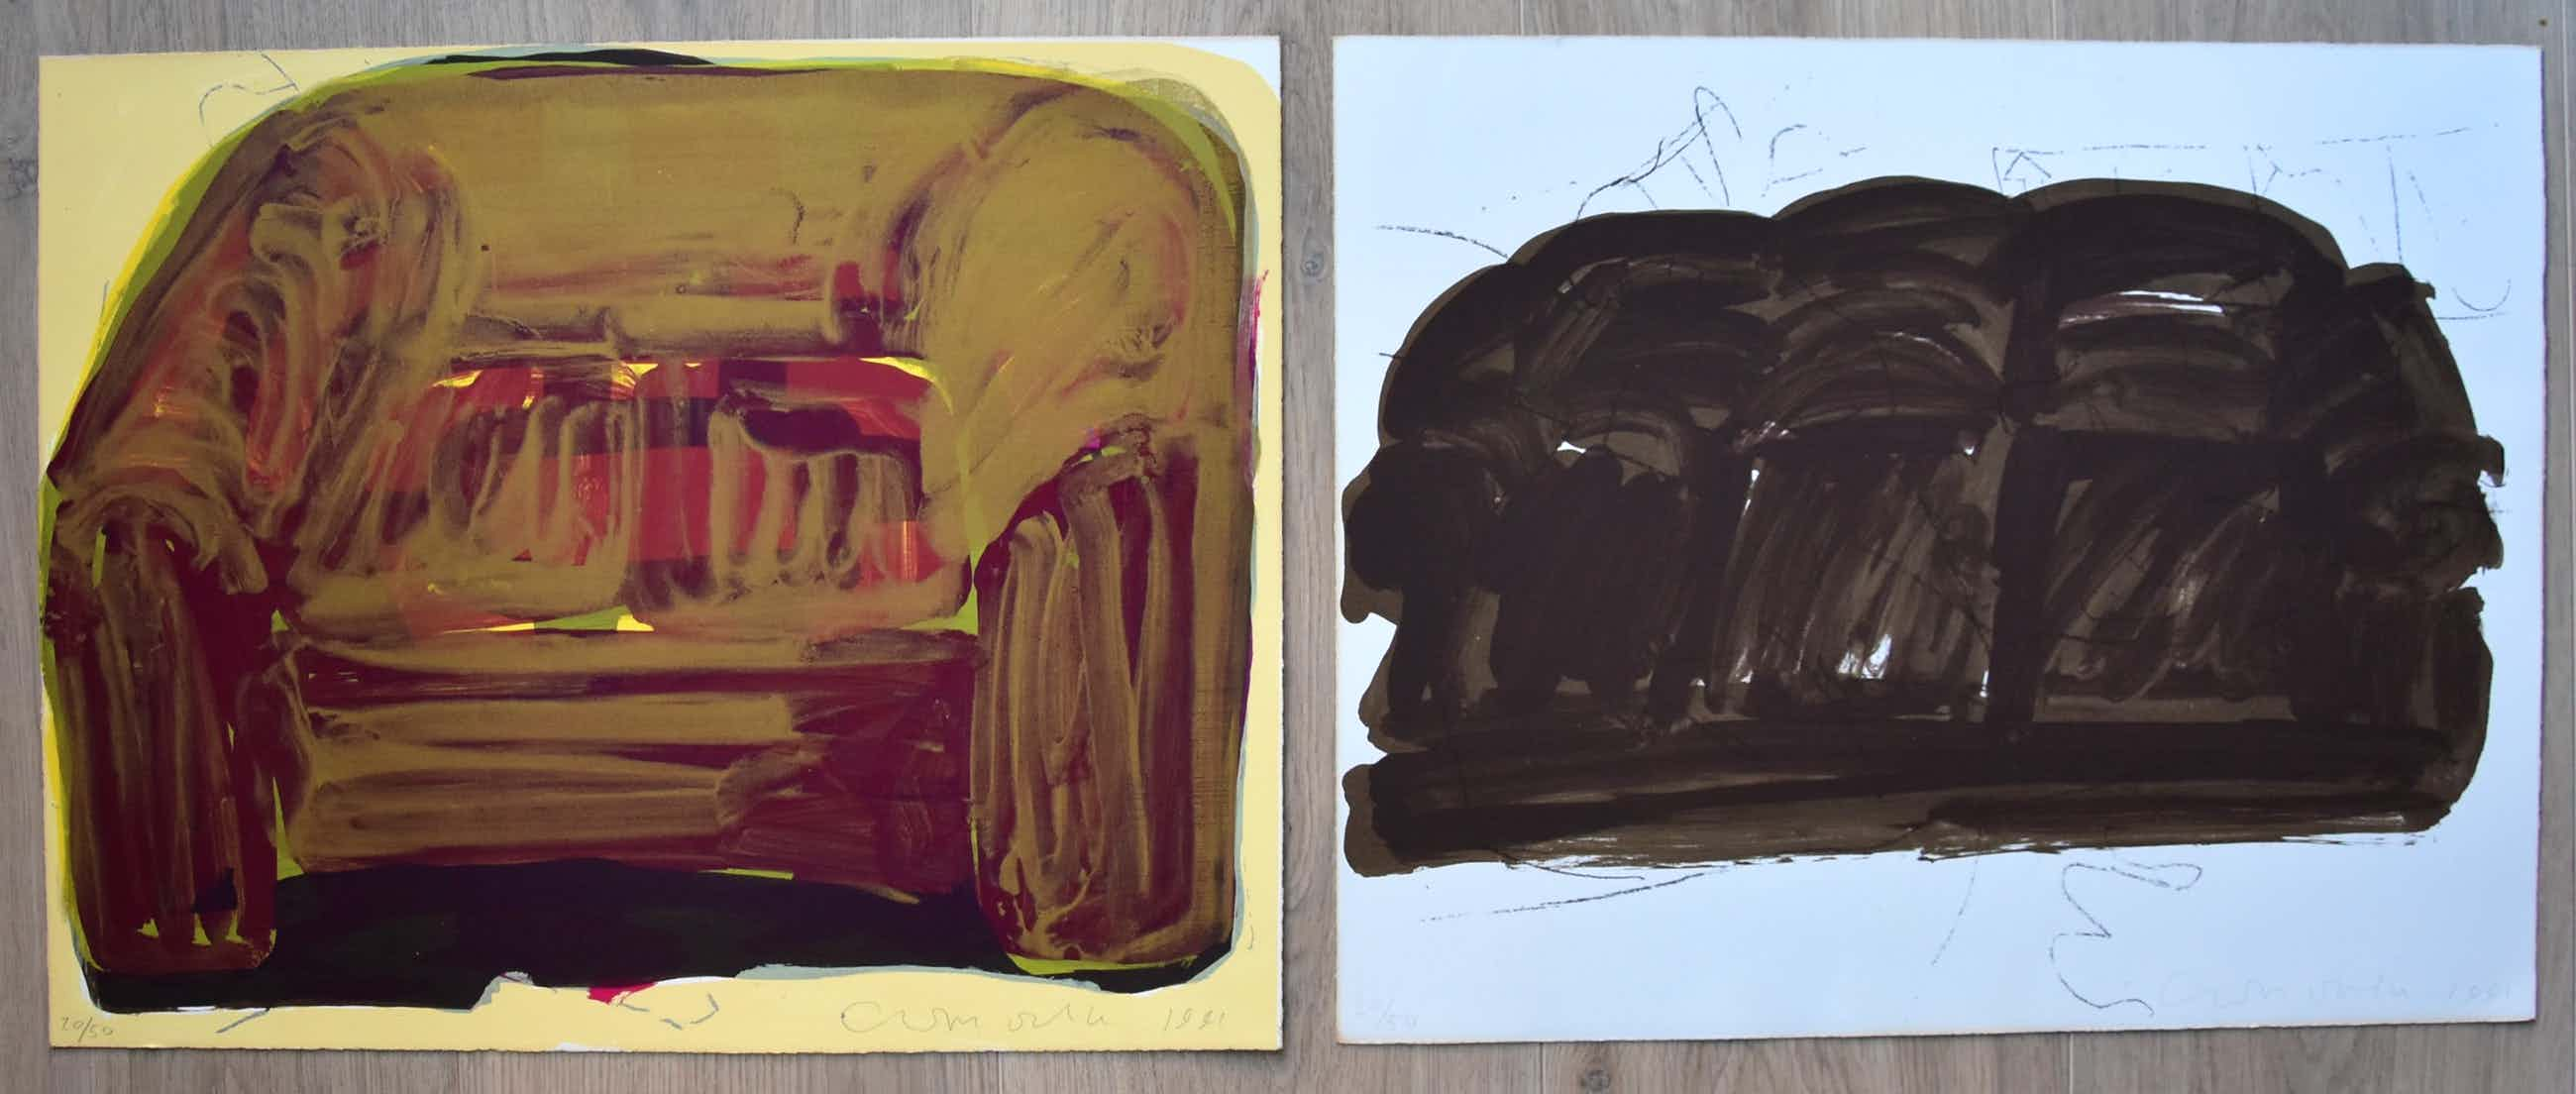 Cees Dolk - # set van 2 Litho's thema SOFA #1991, gesigneerd/genummerd kopen? Bied vanaf 75!